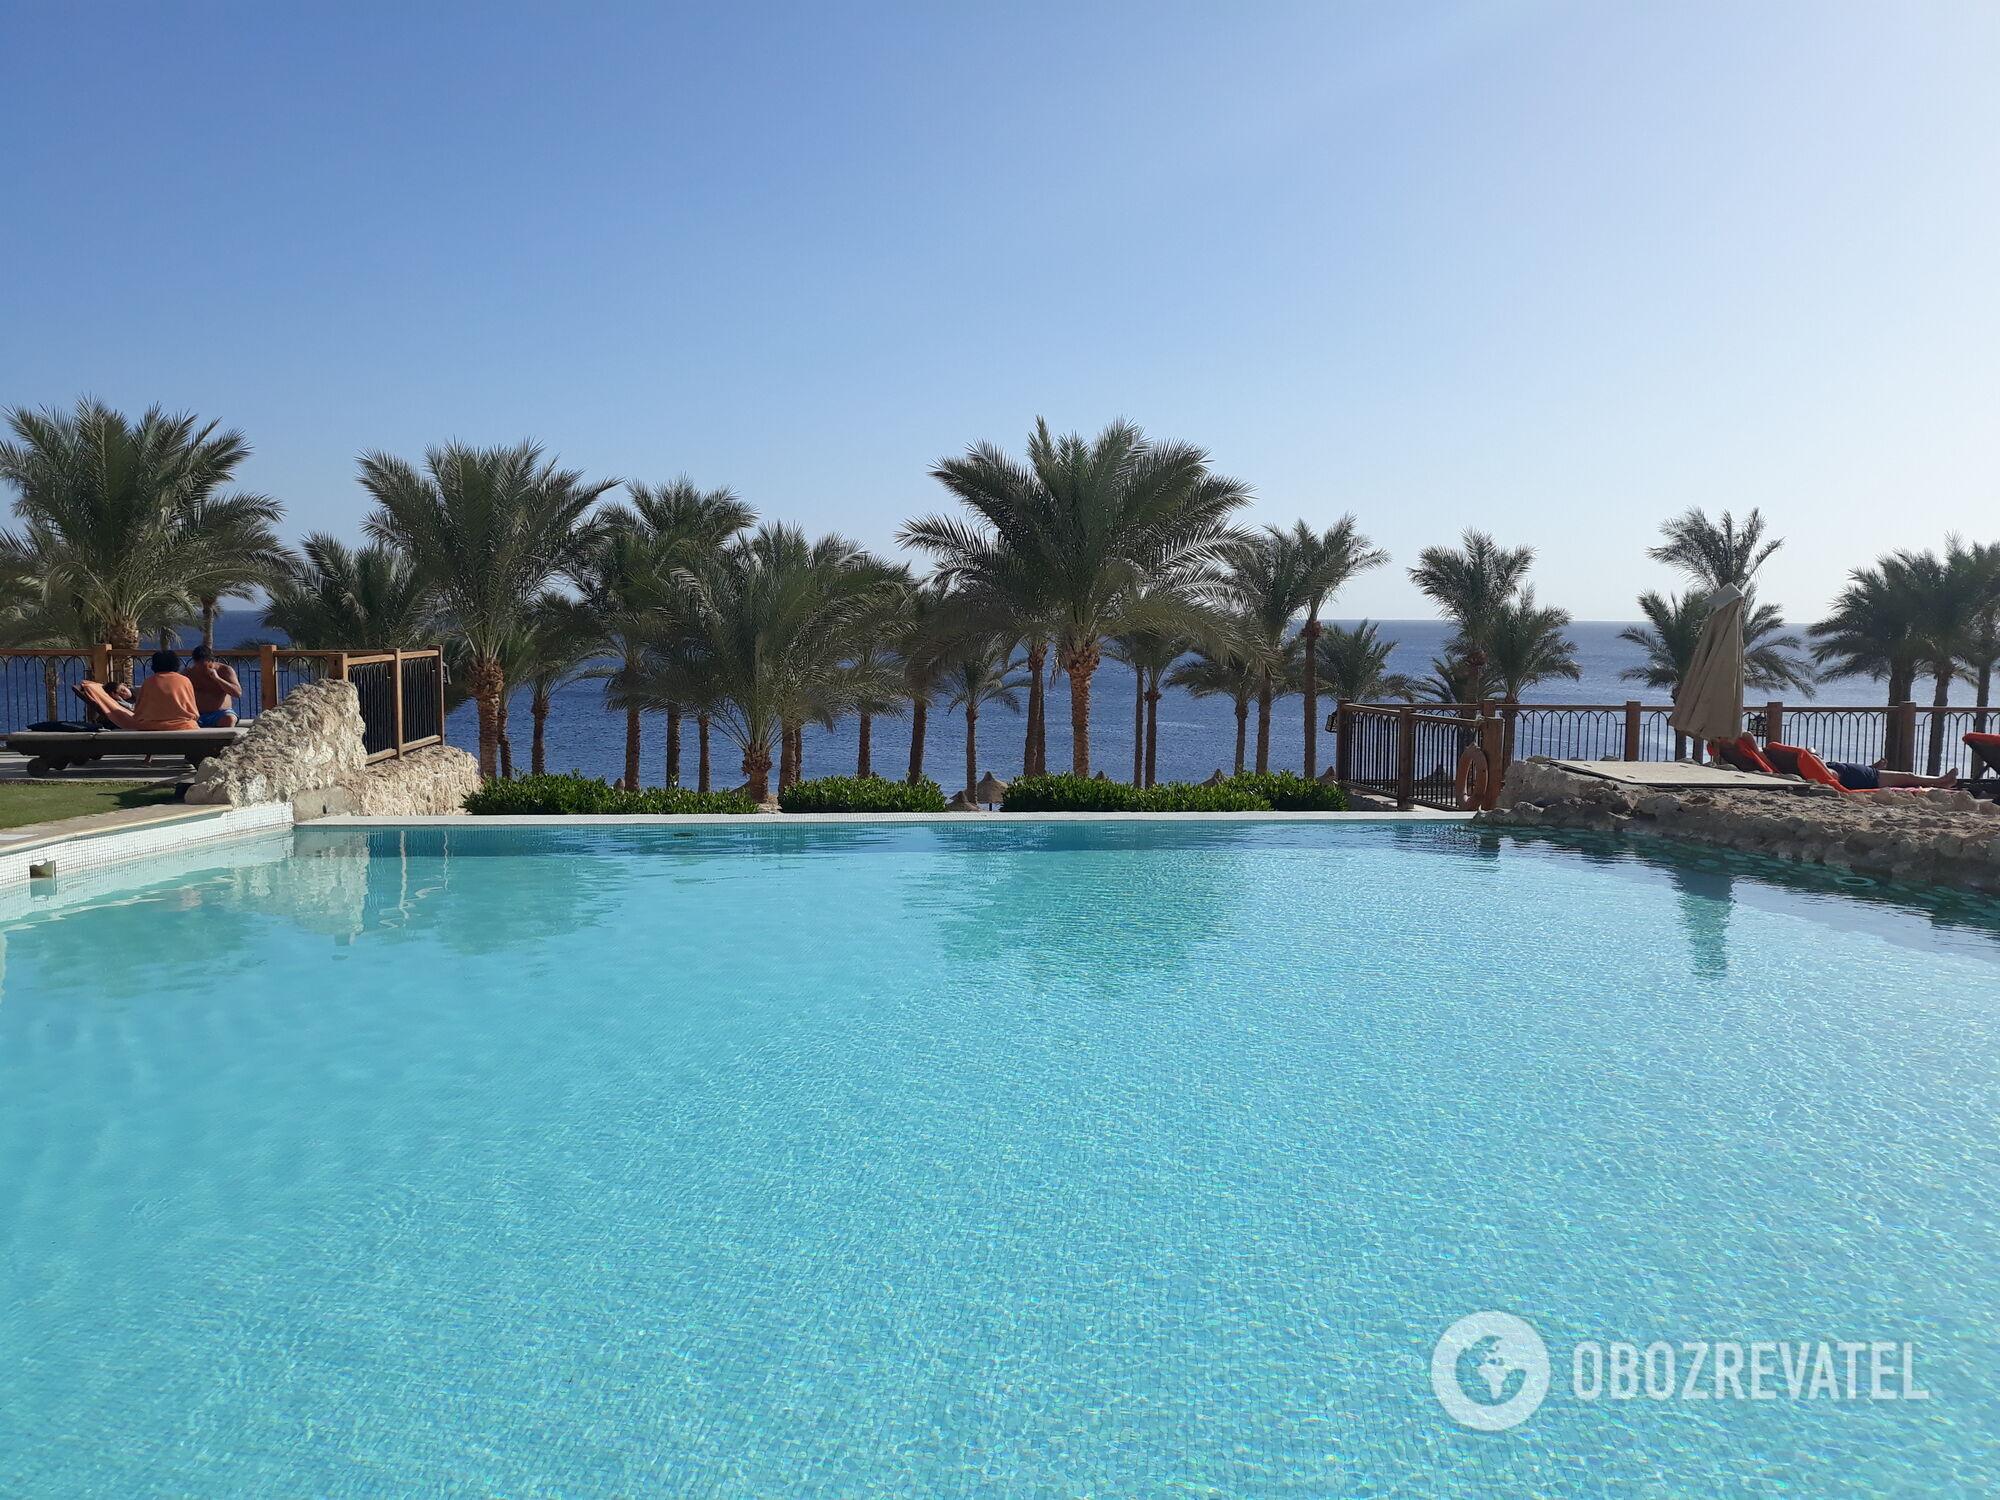 Тем, кто не умеет плавать, в Египте может быть скучно, если не подобрать отель с пологим спуском в воду